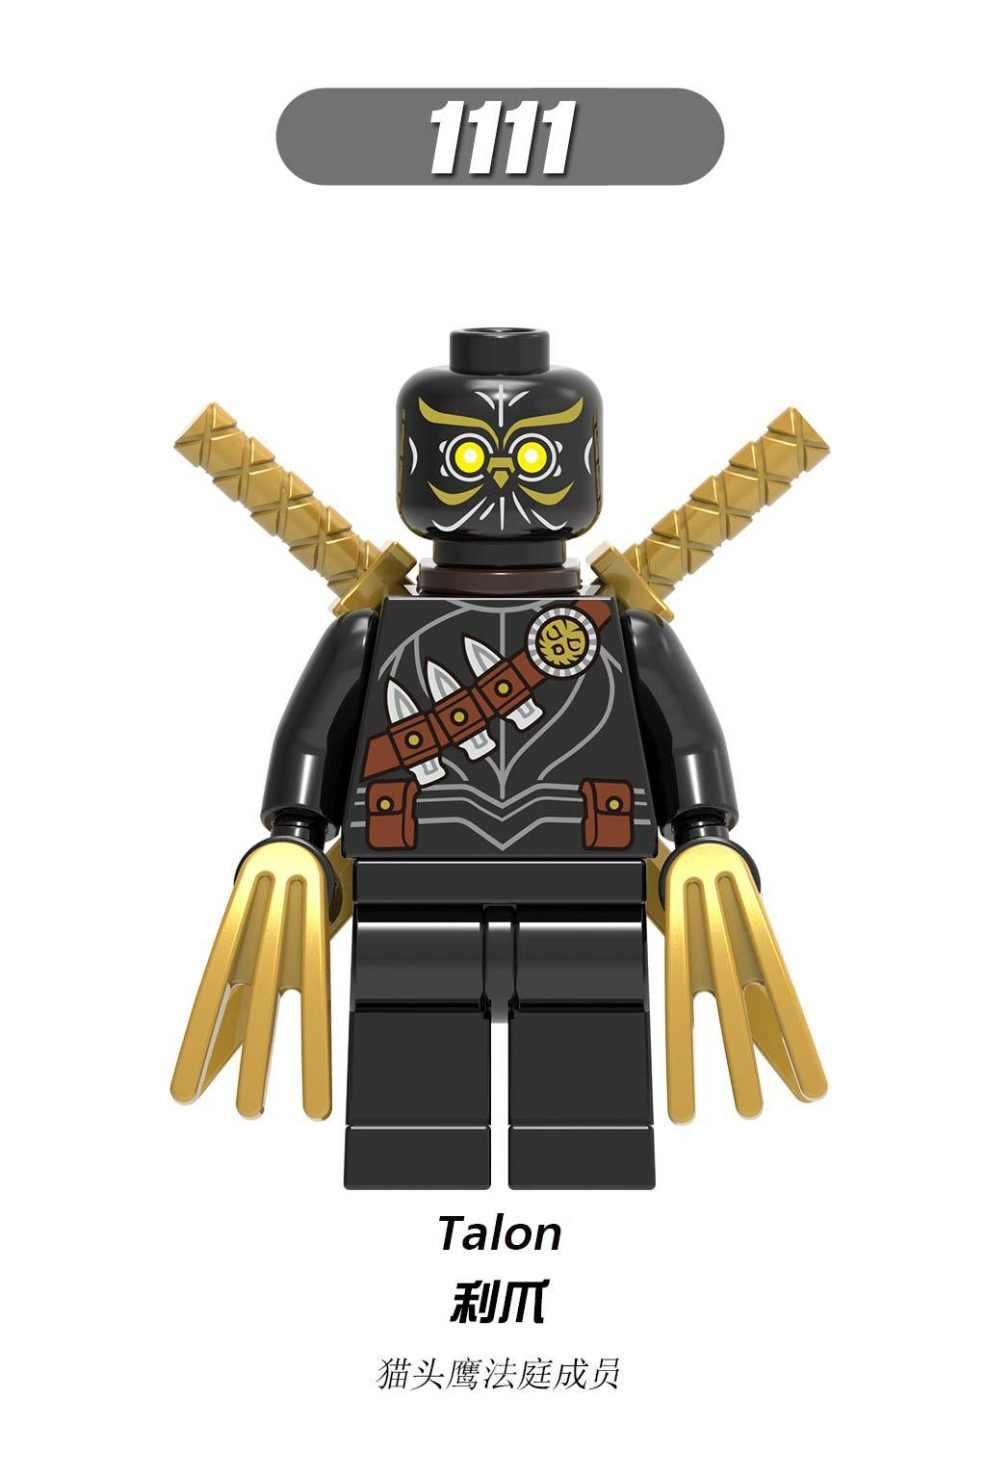 X0238 Batman image Super hero Superman Poisonous vine Frost killer cartoon character war machine compatible Legoing Building Bl